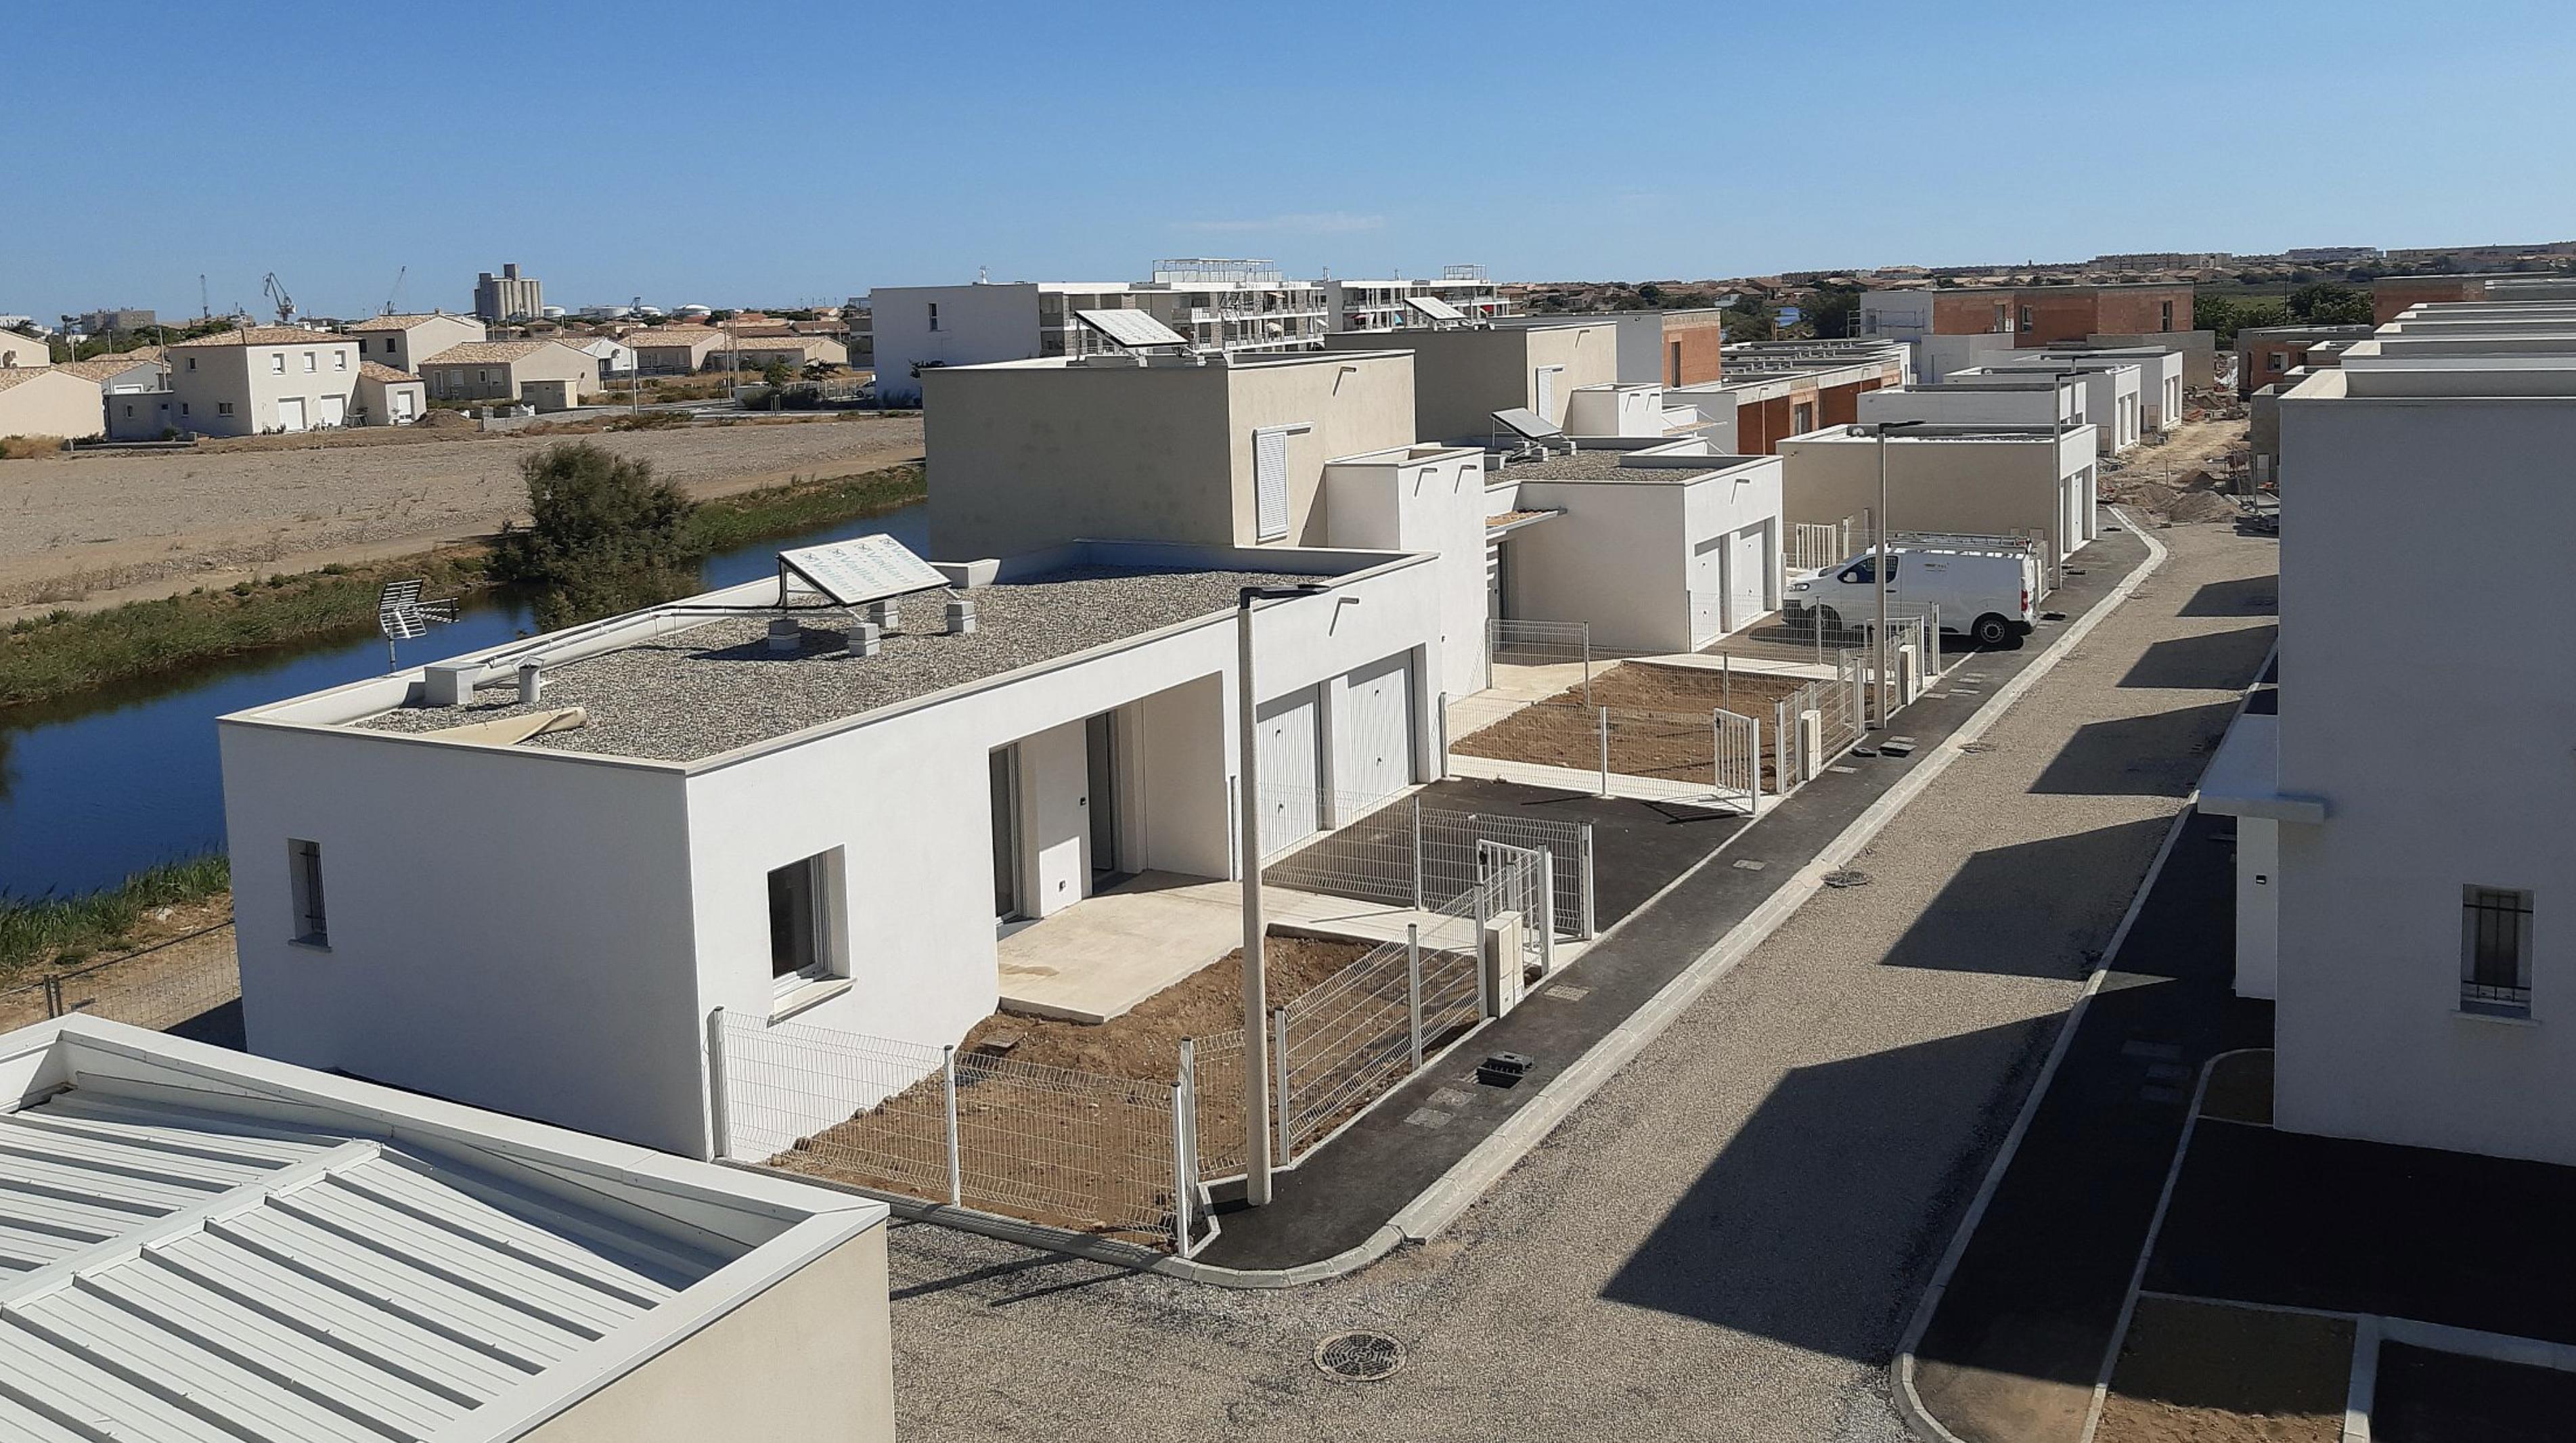 Aude : Habitat Audois obtient un label pour ses efforts pour les économies d'énergies